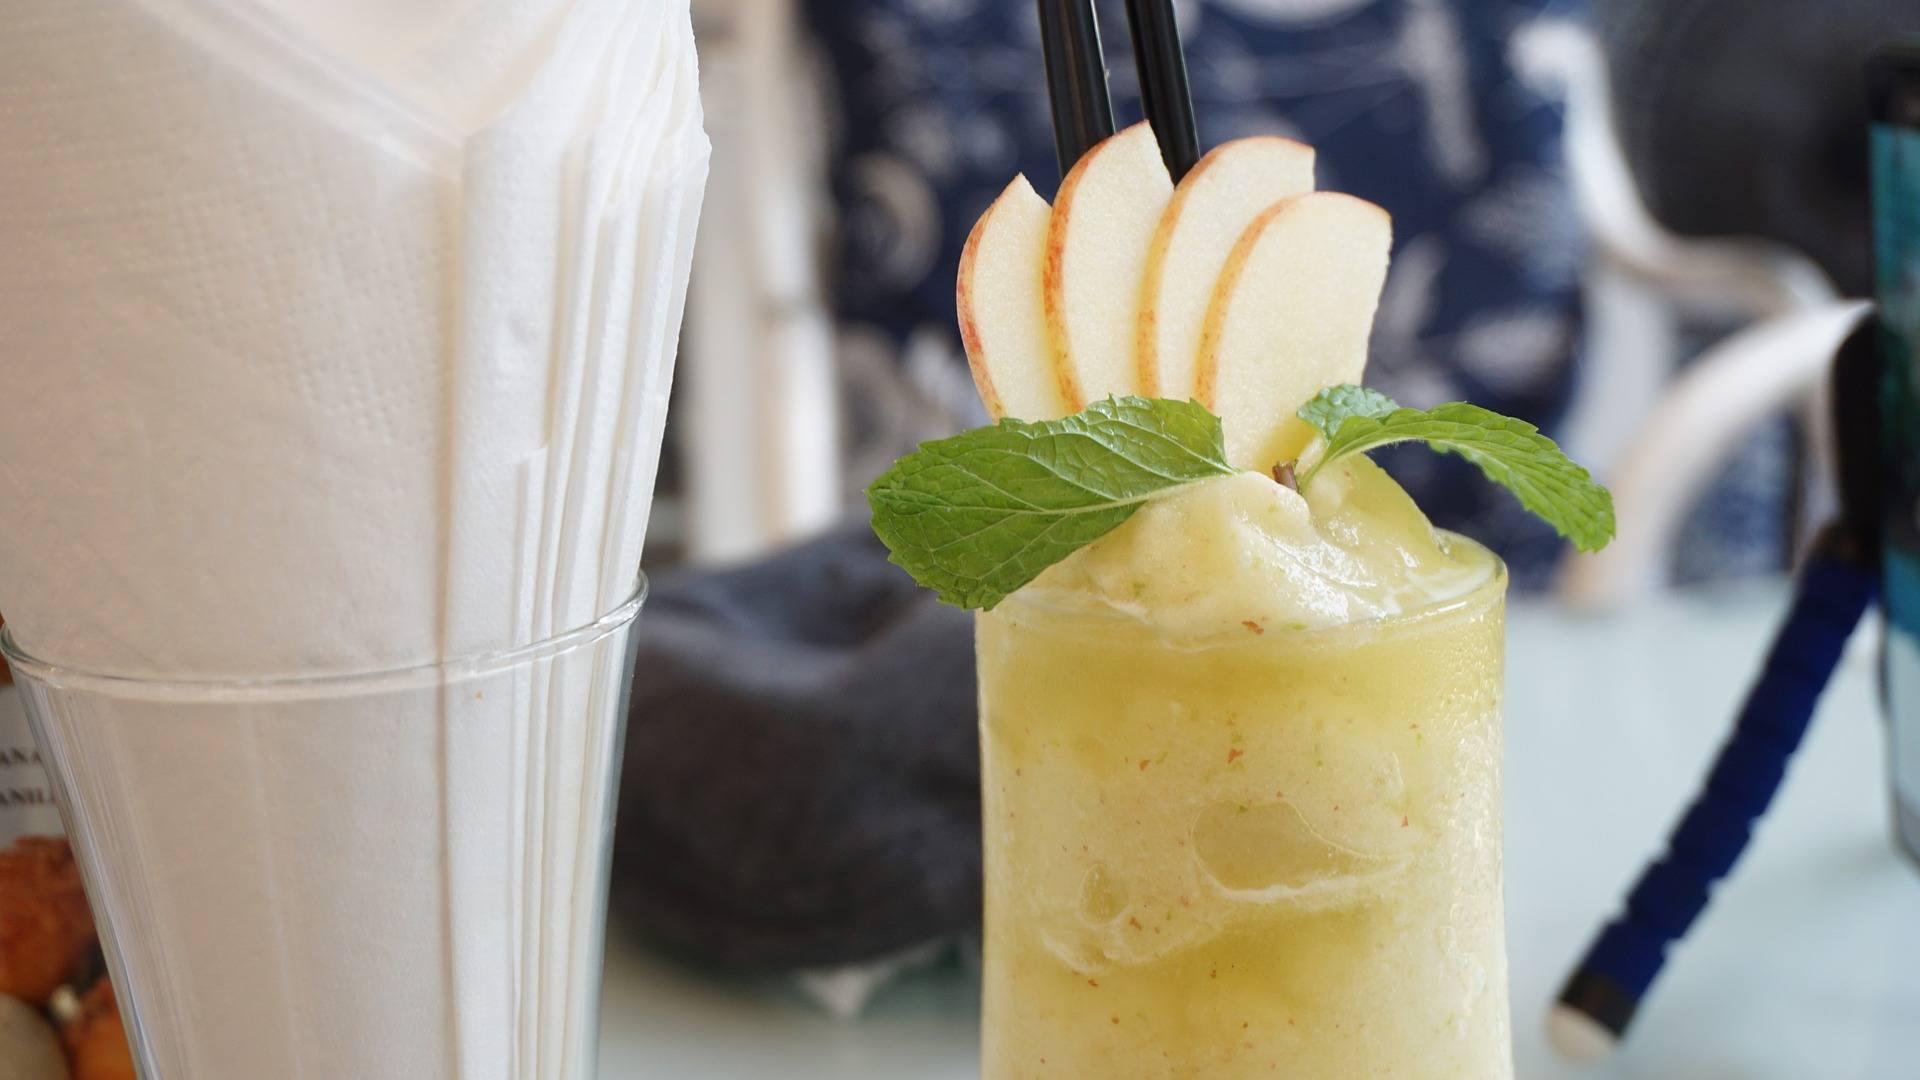 smoothie mit stabmixer vorbereitet